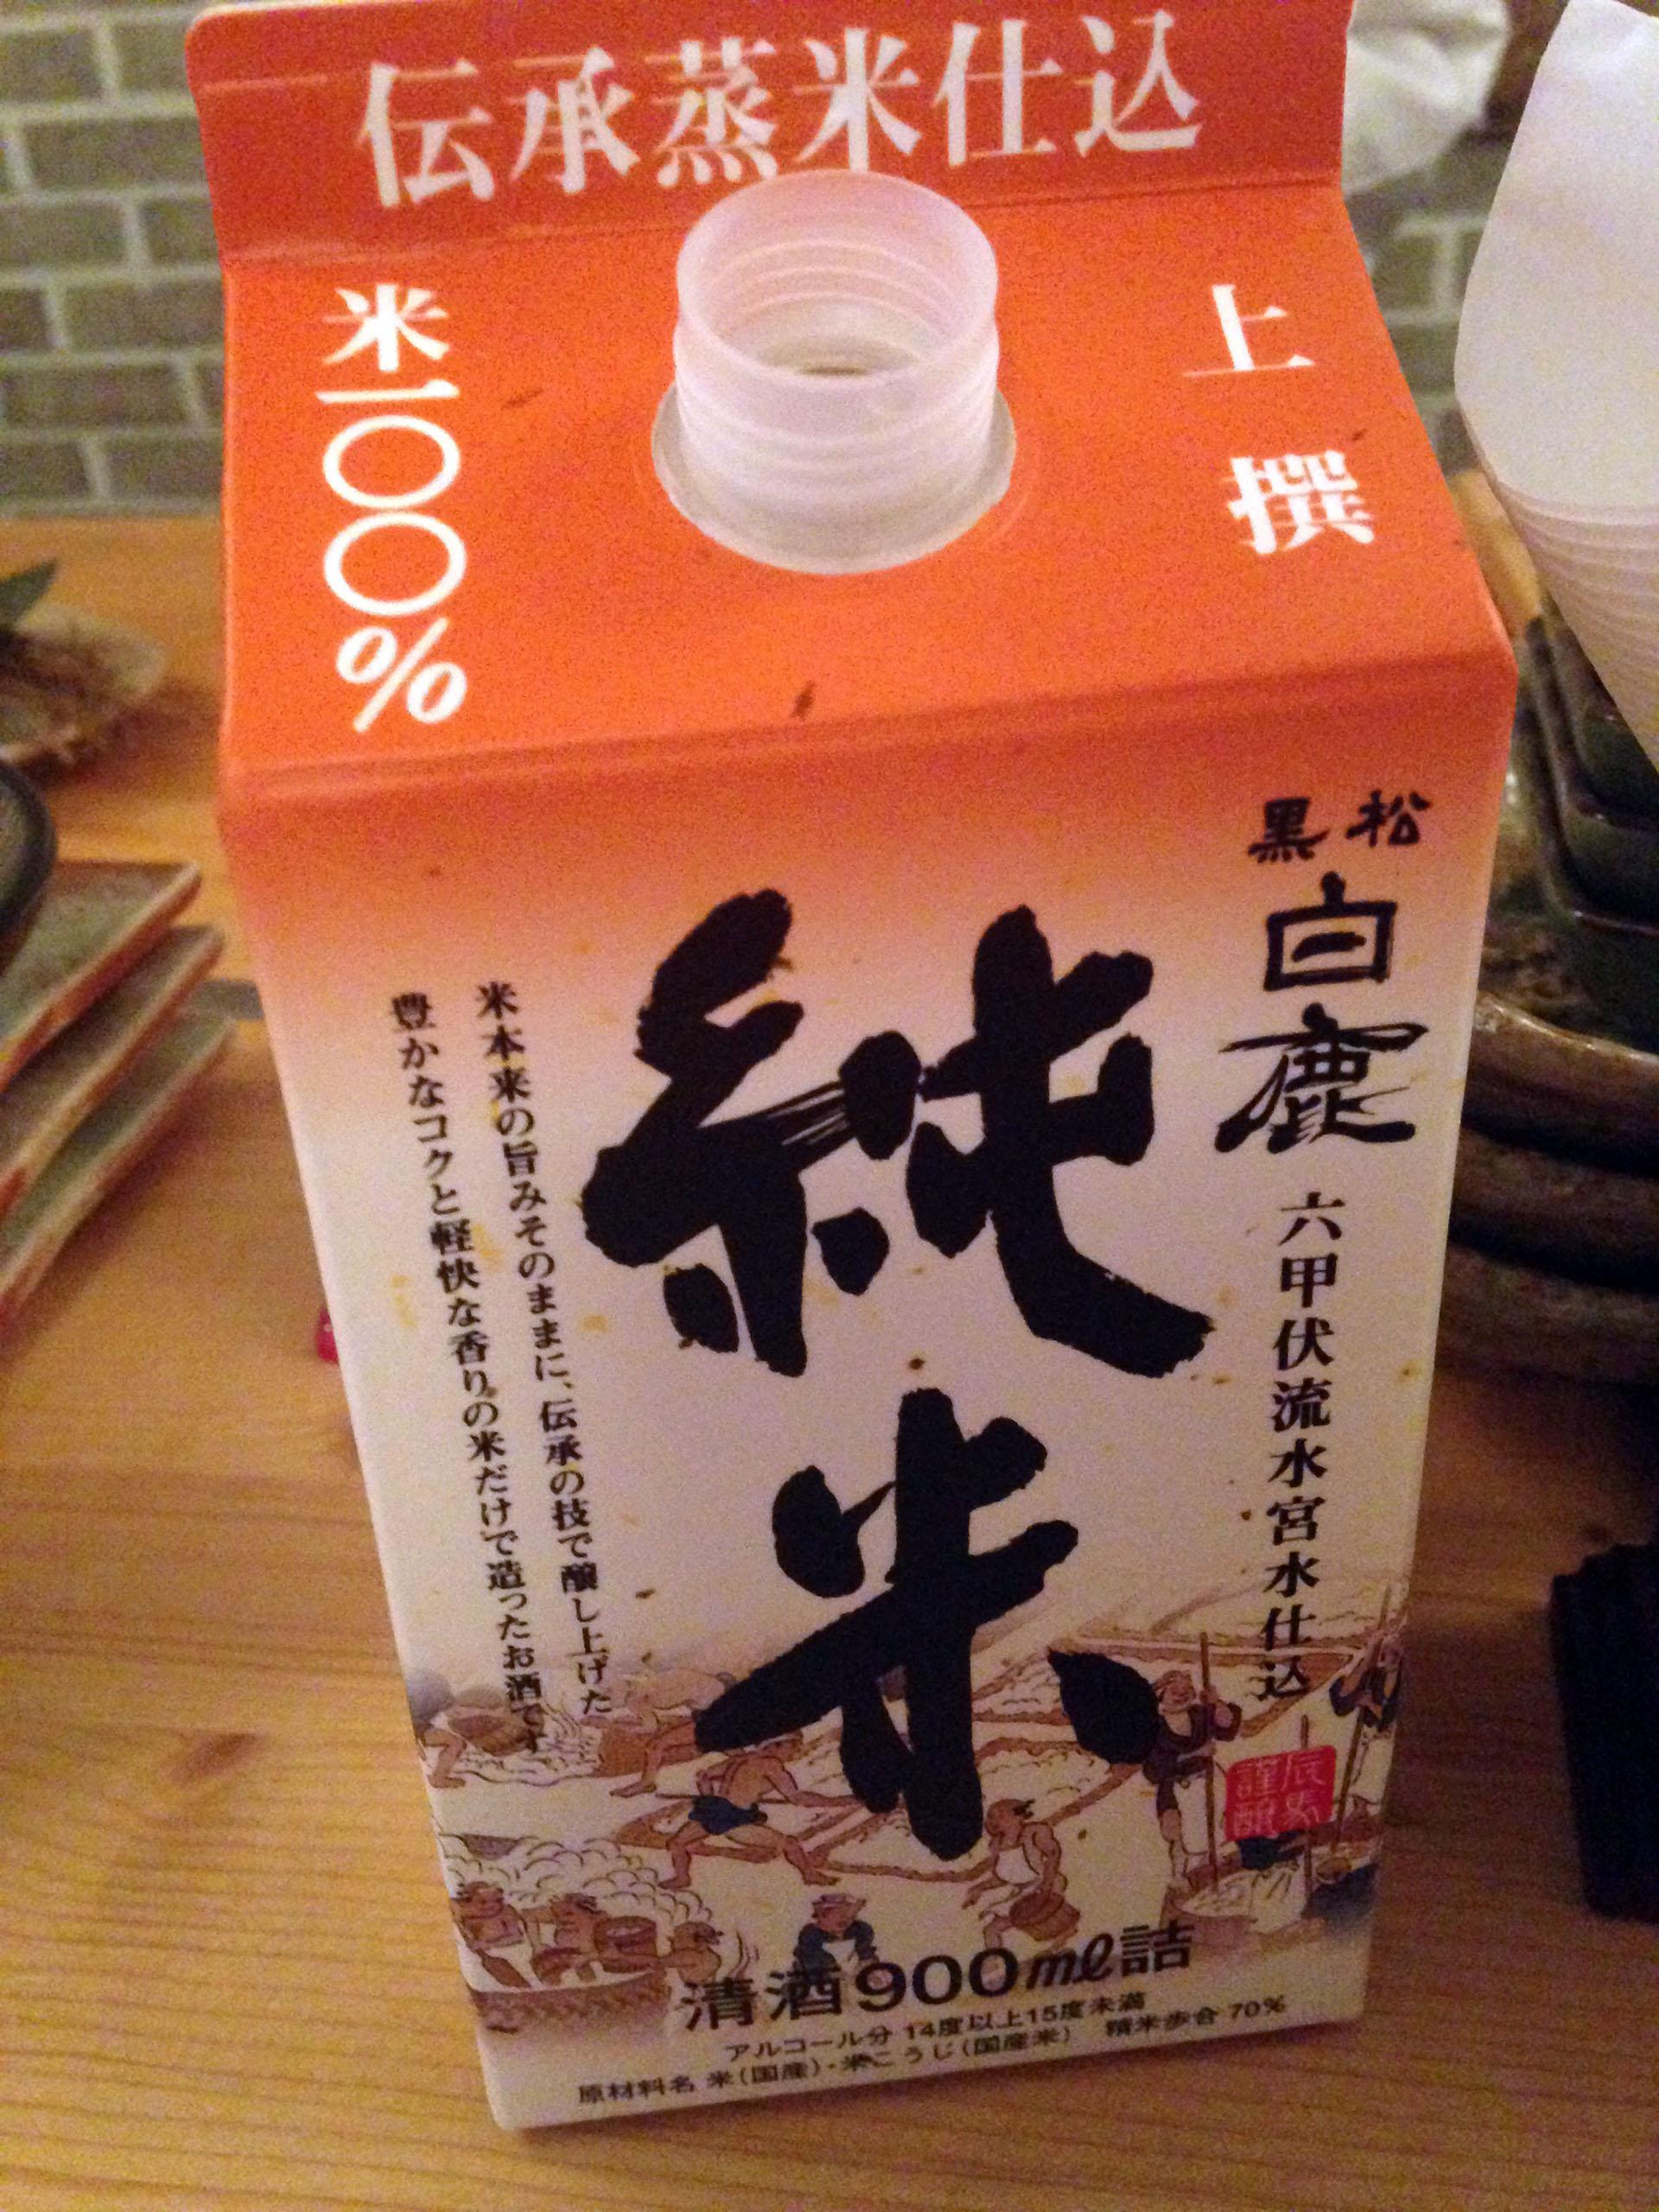 하쿠시카 쥰마이 팩